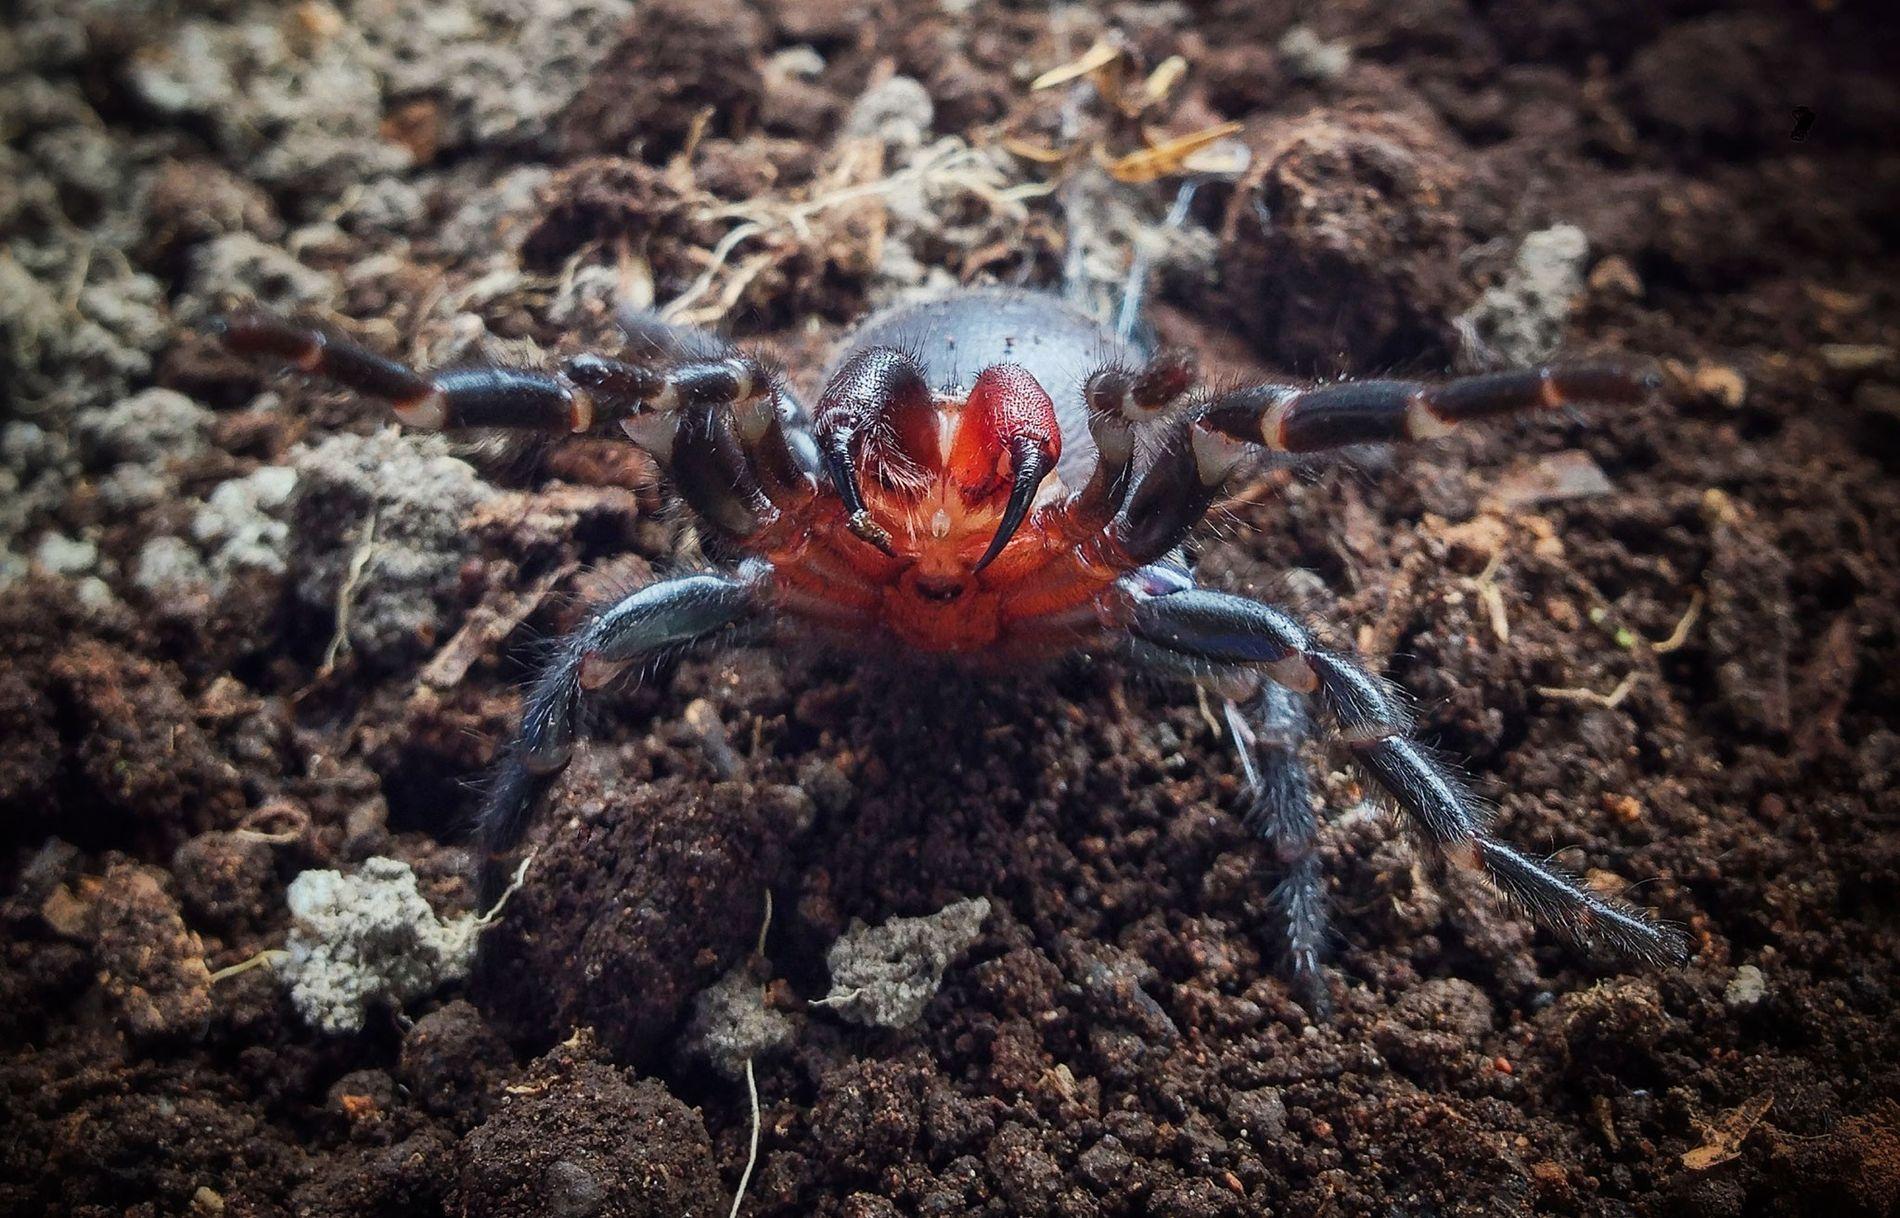 L'araignée à toile-entonnoir aux crochets rouges prend la pose, prête à frapper.